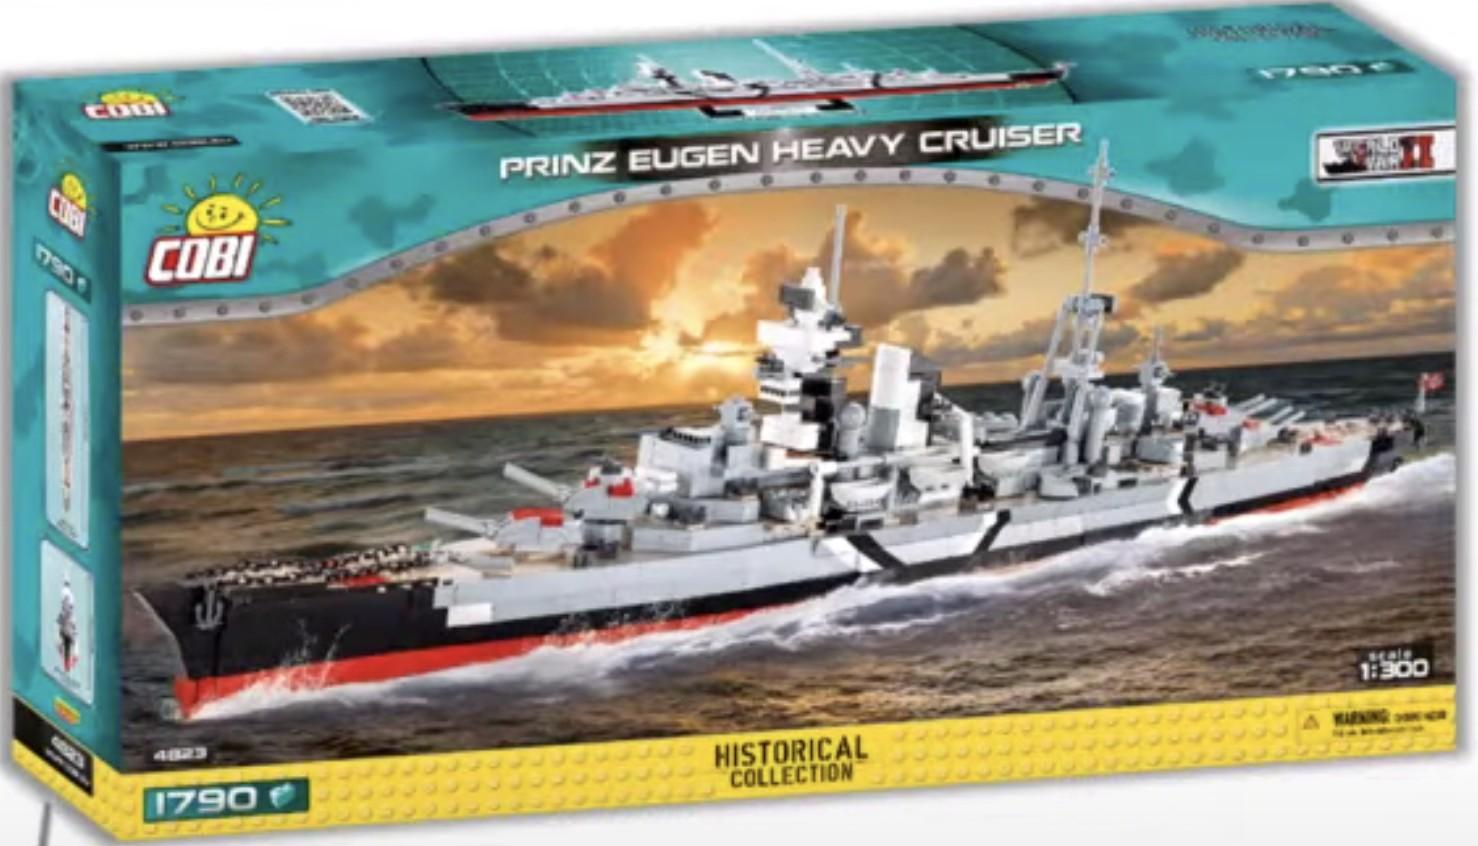 4823 - Prinz Eugen